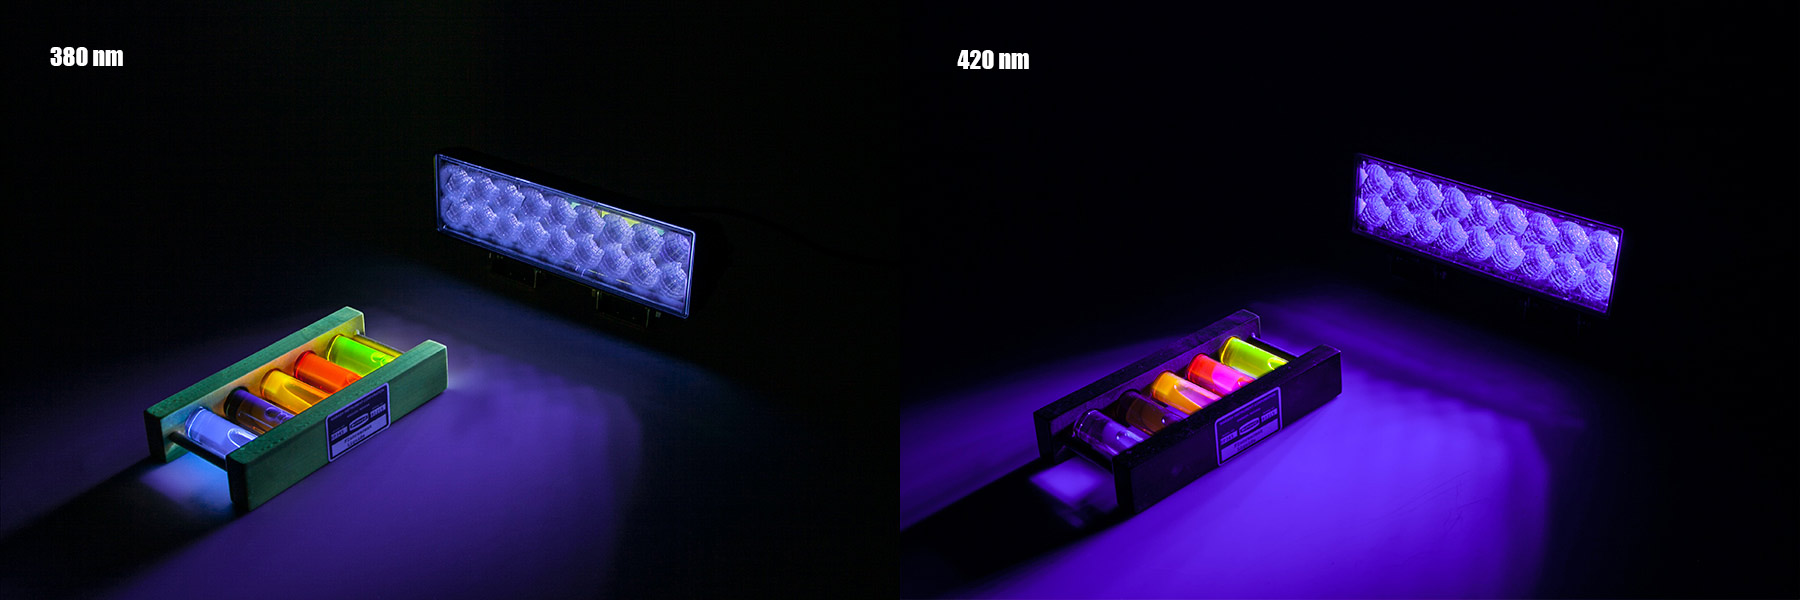 High Powered Uv Led Spot Light 27w Off Road Light Bars